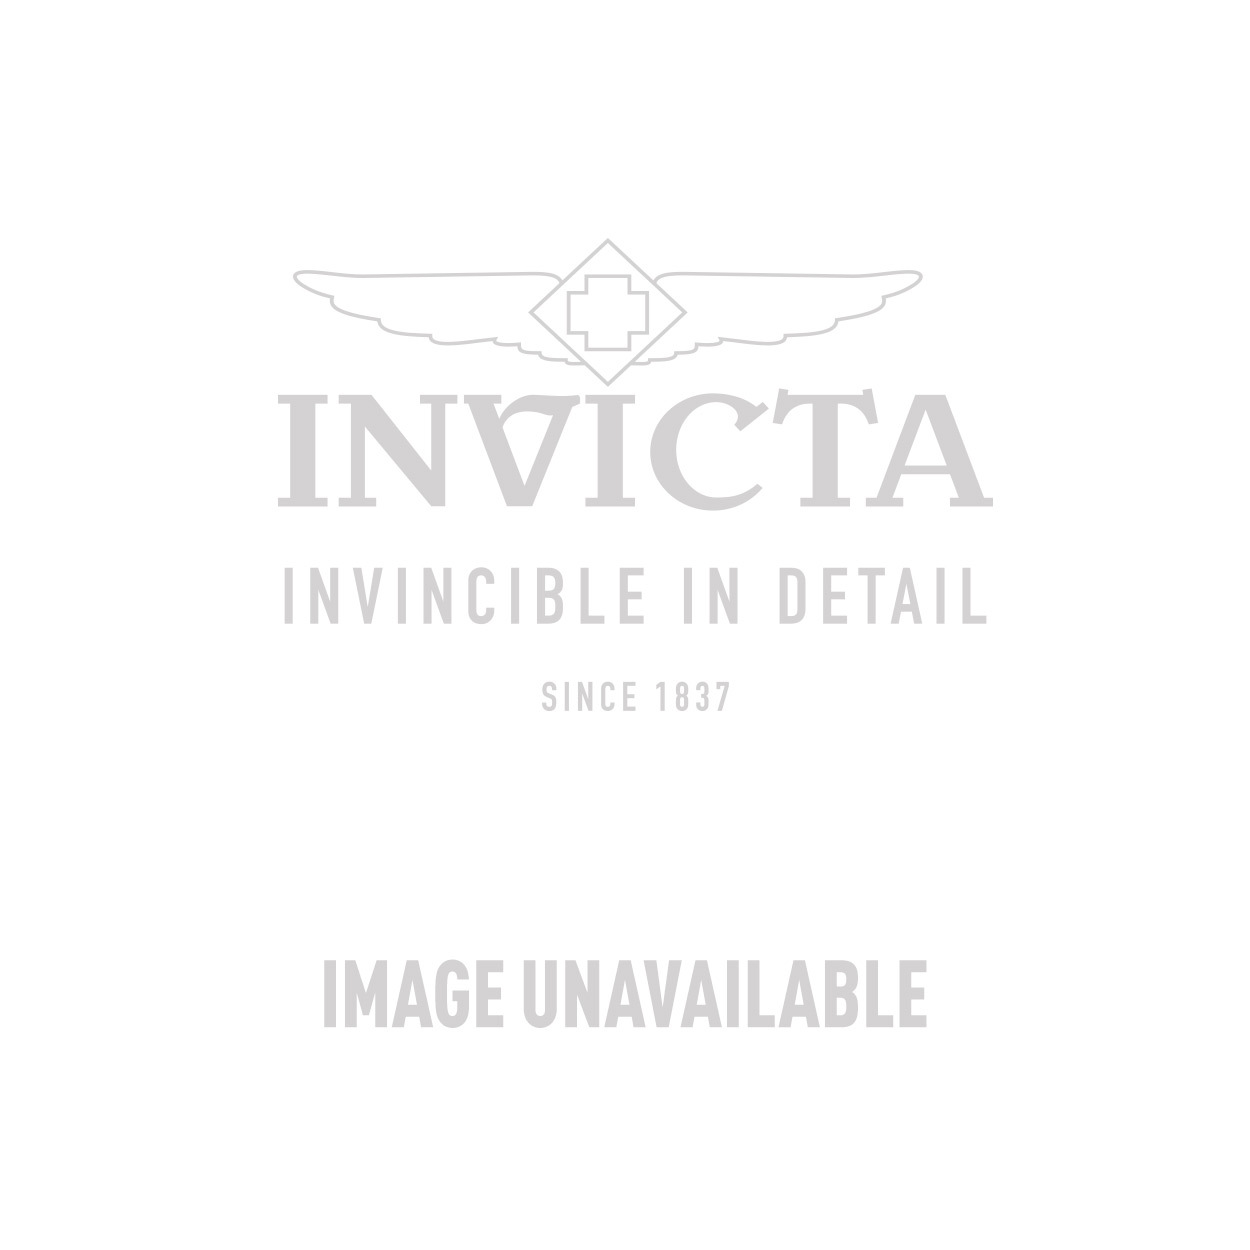 Invicta Model 24636